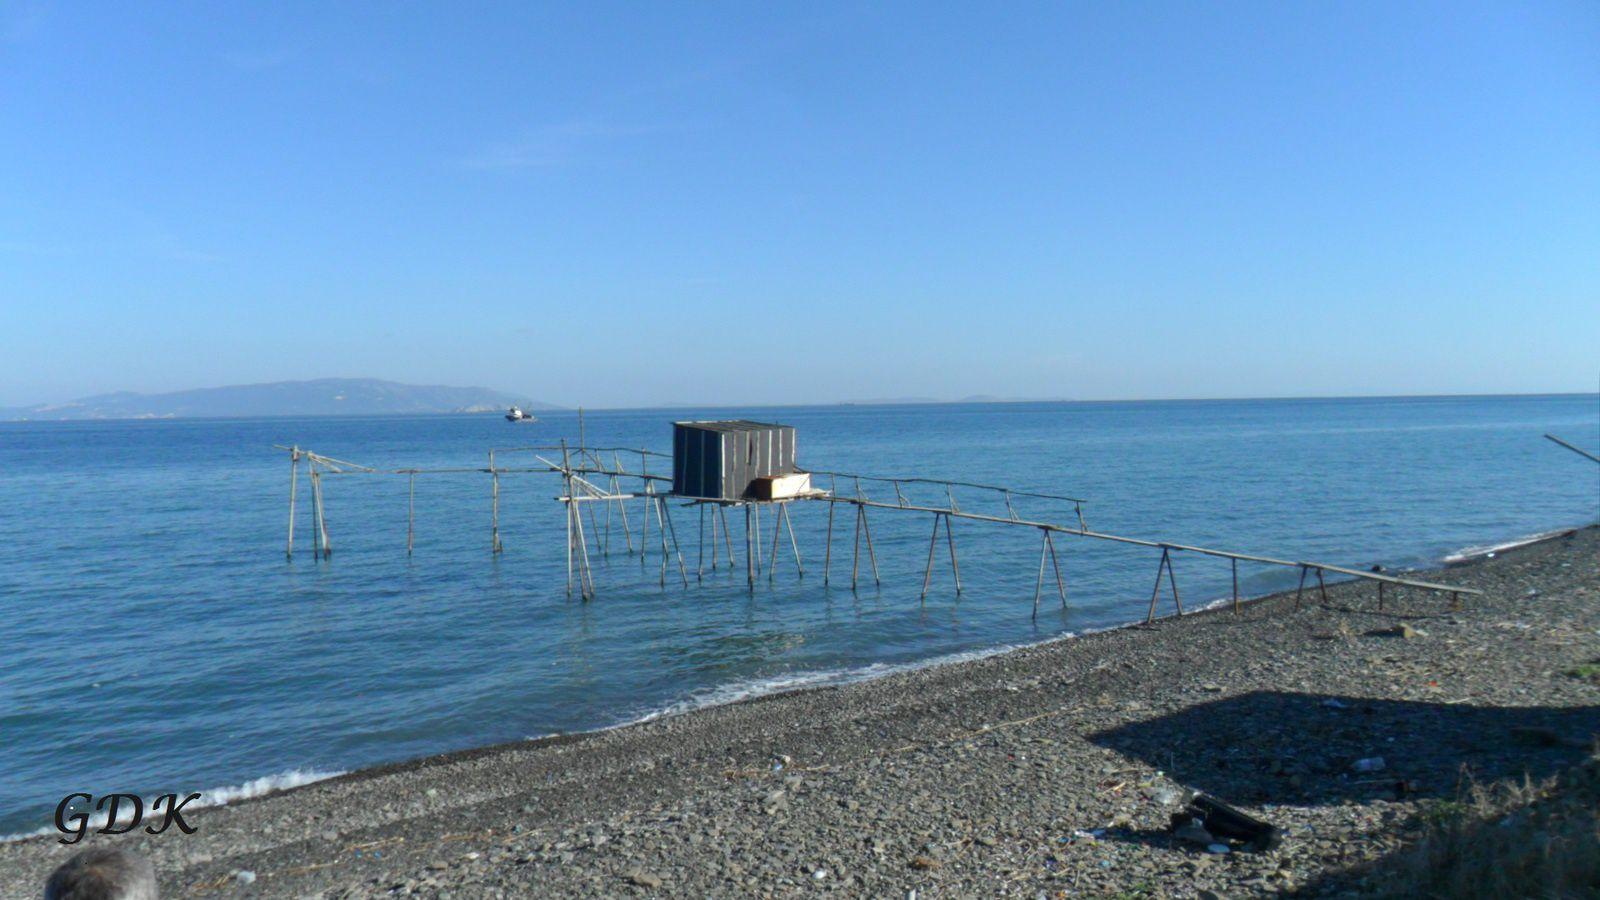 Turquie : excentriques cabanes de pêche en Mer de Marmara